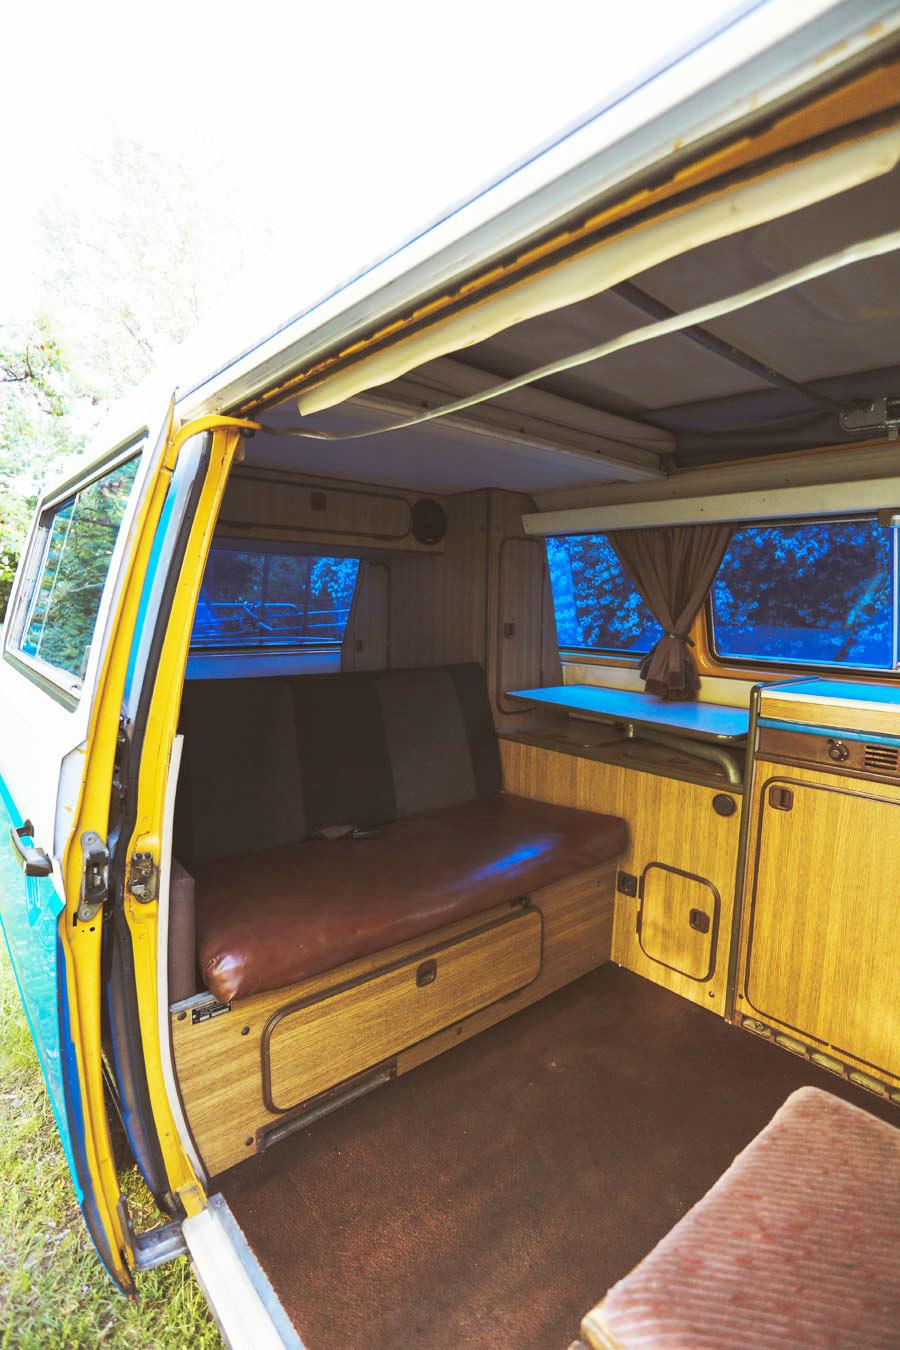 BulliHoliday VW Bus mieten Blumo - Wohnraum mit einem Schwenk nach links